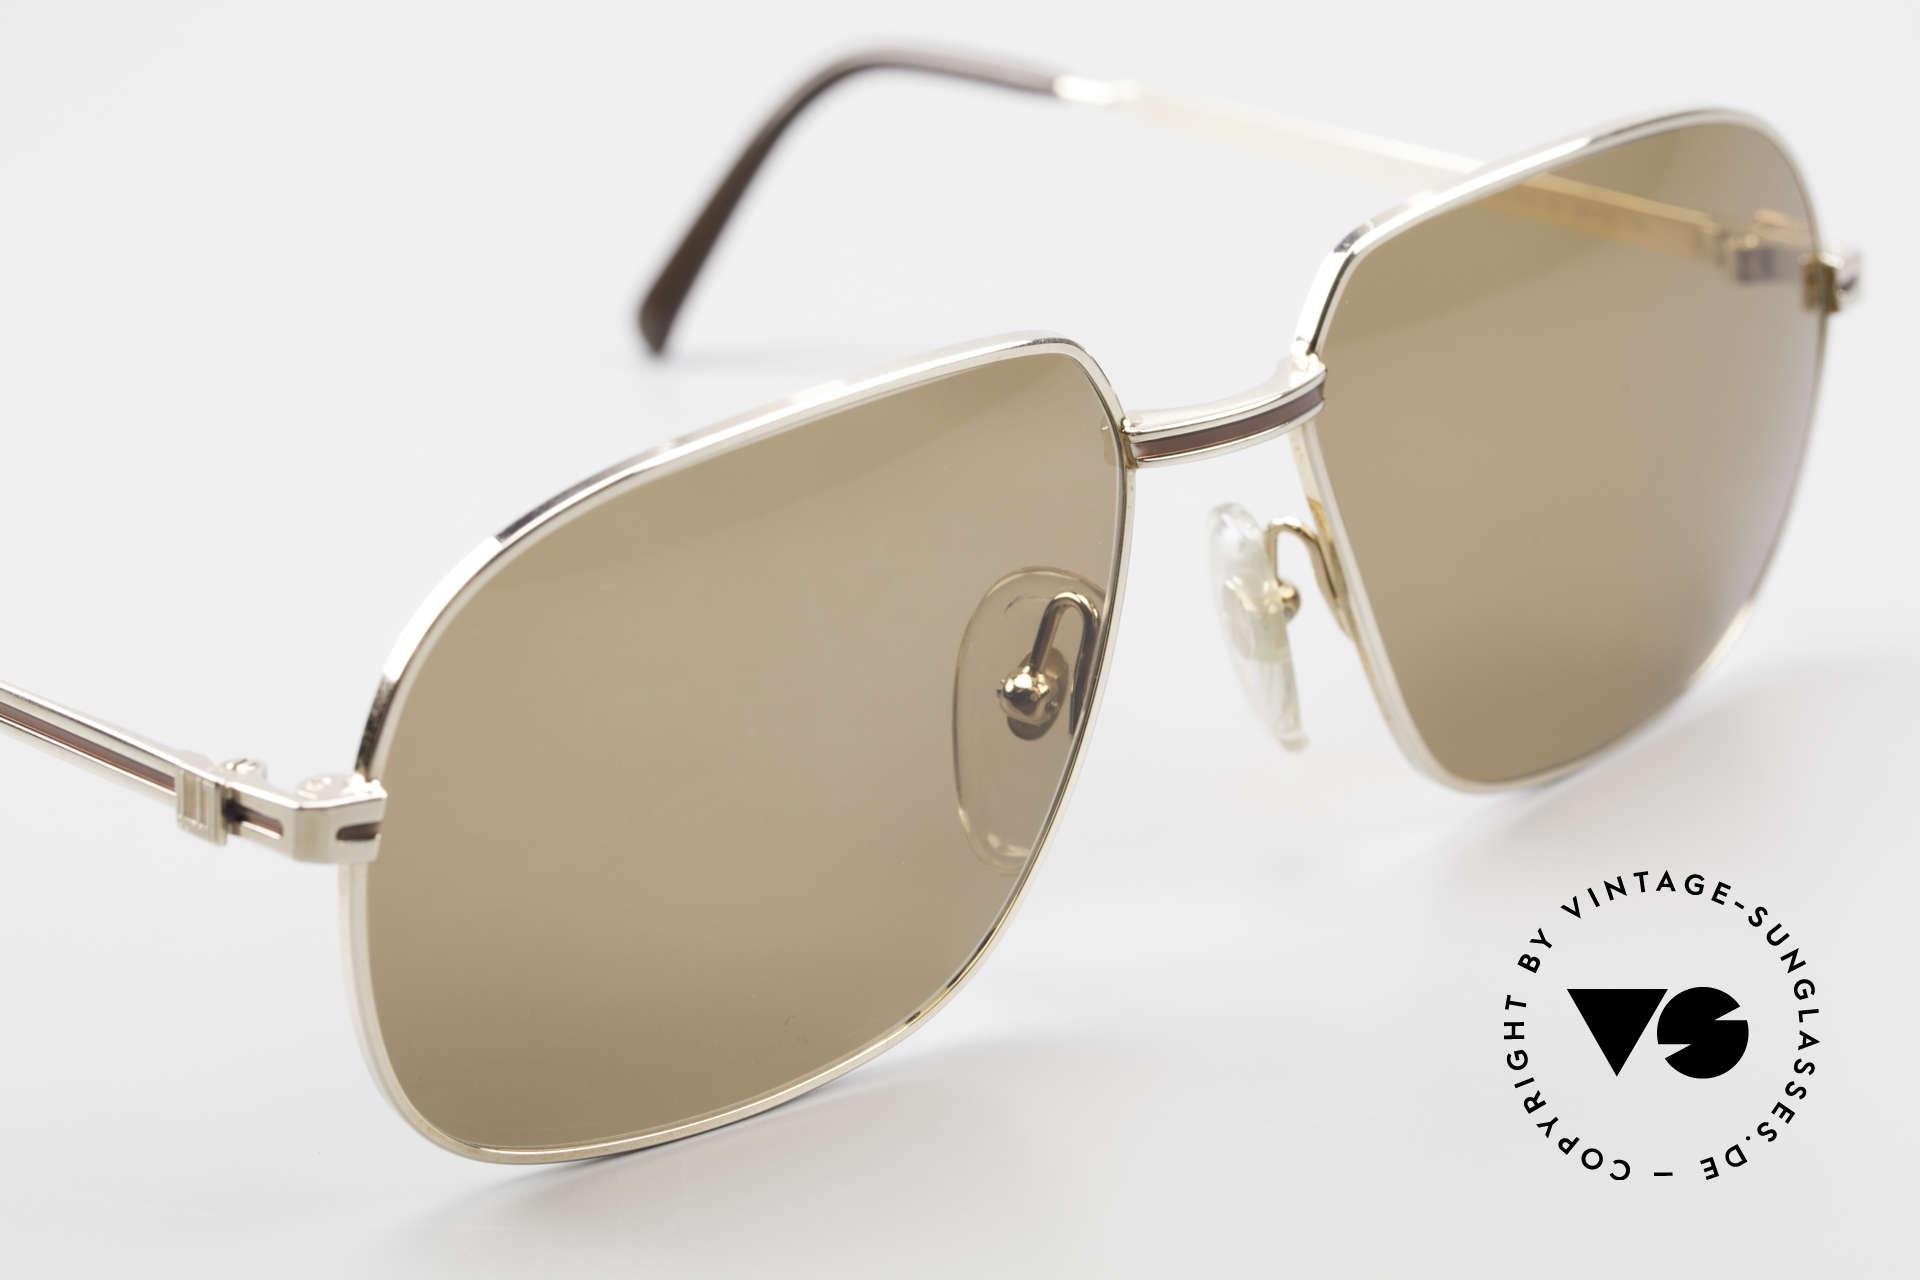 Dunhill 6123 Vergoldete Gentleman Brille, KEIN RETRO, sondern ein kostbares altes ORIGINAL!, Passend für Herren